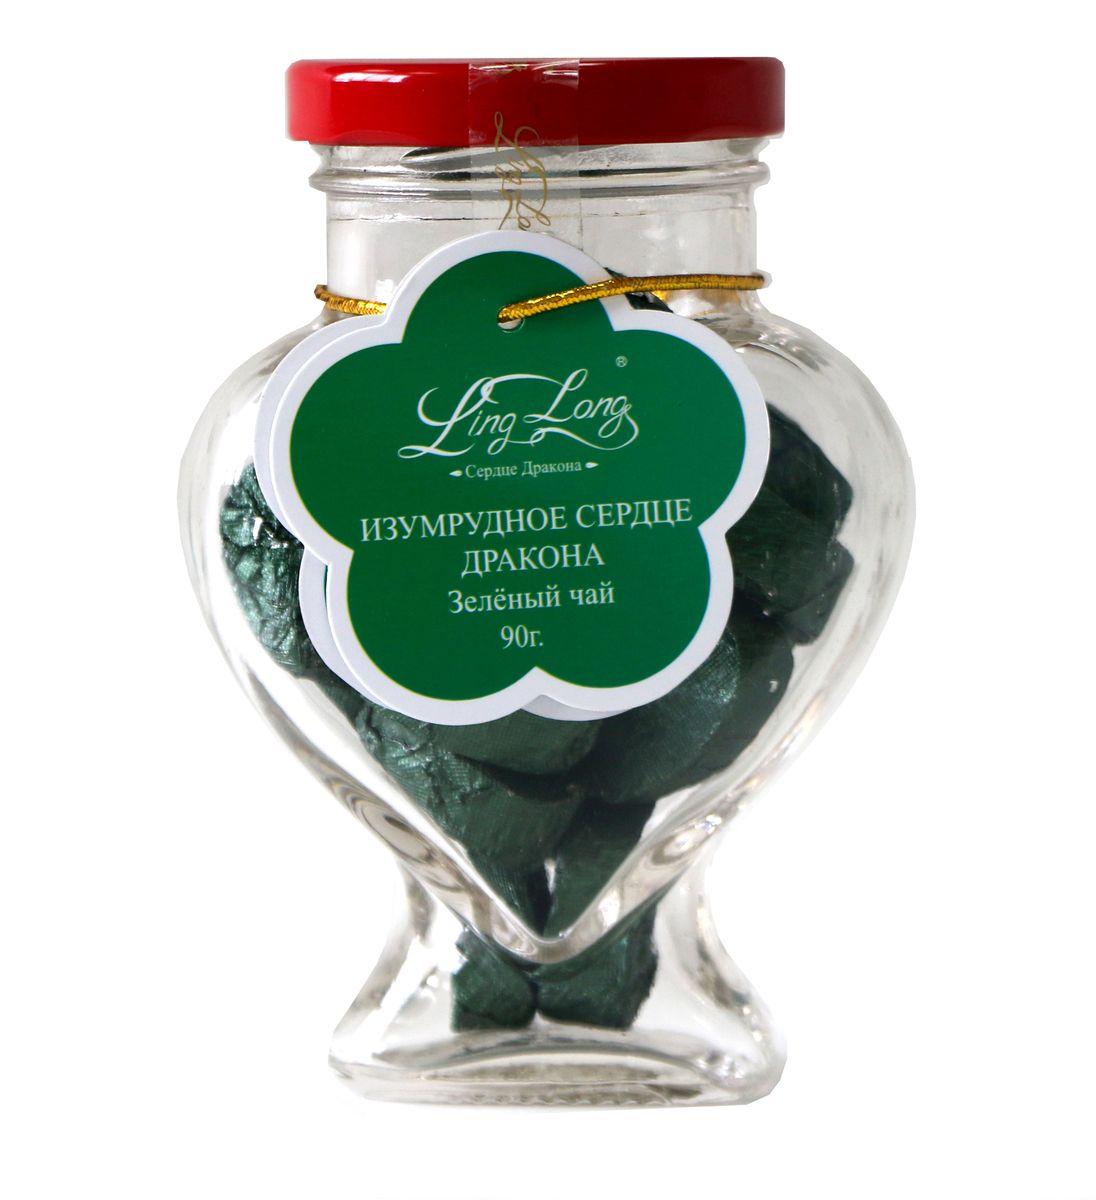 Ling Long Изумрудное сердце дракона зеленый листовой чай, 90 г (стеклянная банка)LL501Чай зеленый байховый китайский крупнолистовой Ling Long Изумрудное сердце дракона. Спрессован в форме сердечек. Такой чай станет отличным подарком друзьям или близким.Всё о чае: сорта, факты, советы по выбору и употреблению. Статья OZON Гид